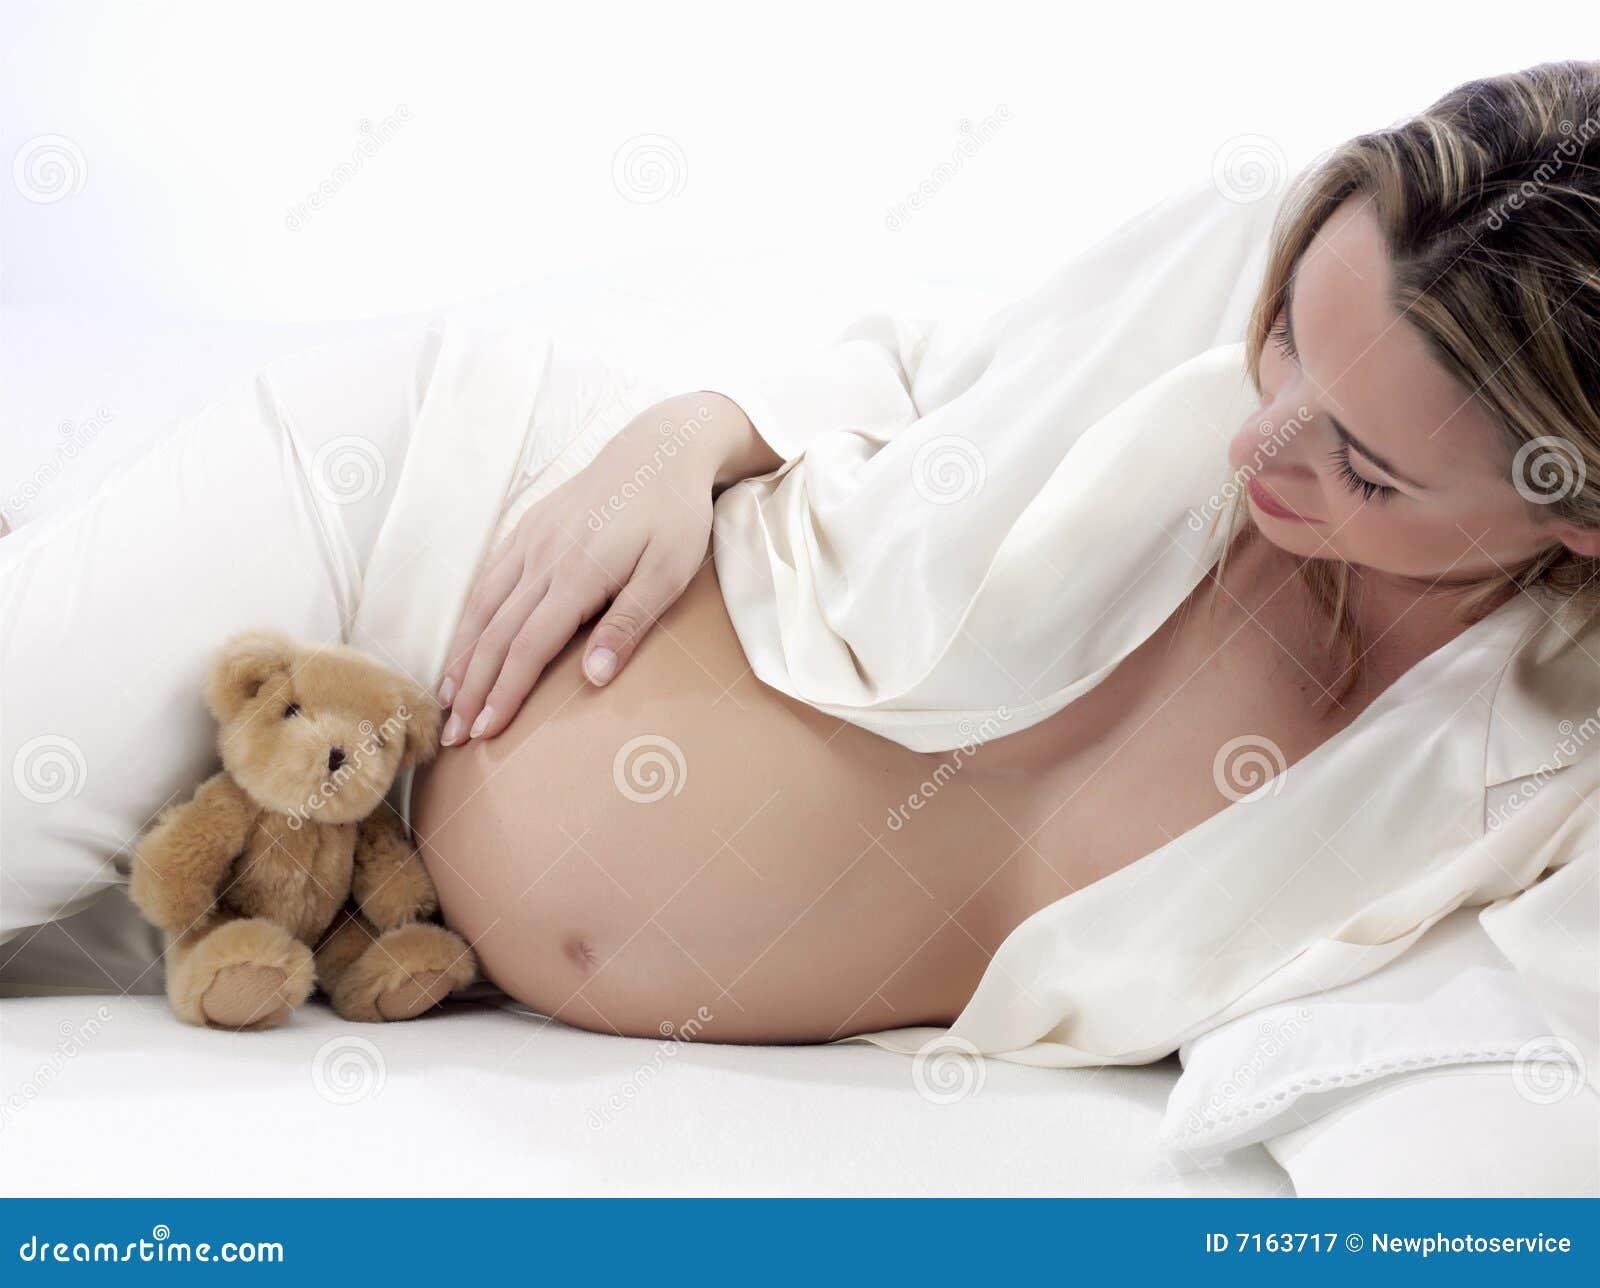 Смотреть соло беременных 6 фотография